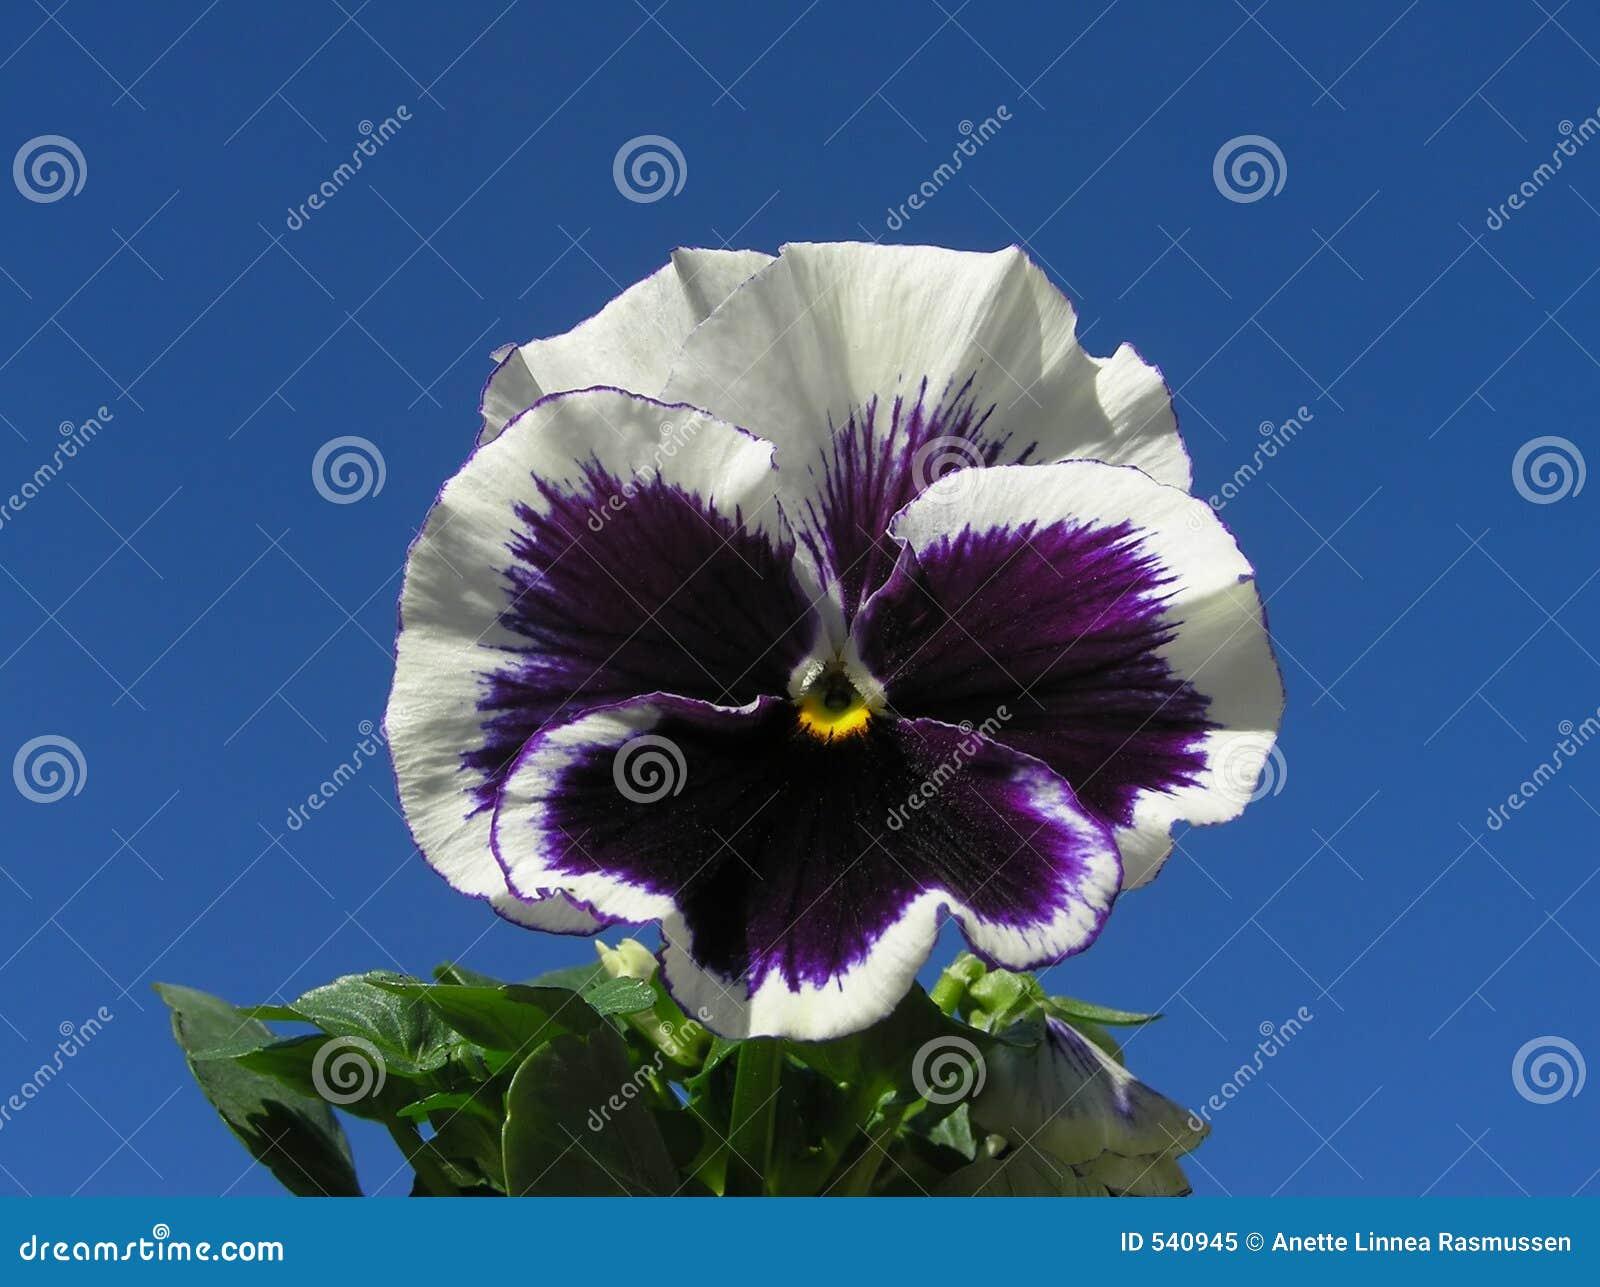 Download Heartease 库存图片. 图片 包括有 庭院, 天空, 五颜六色, 全能, 概念, 宏指令, 玻色子, 背包 - 540945